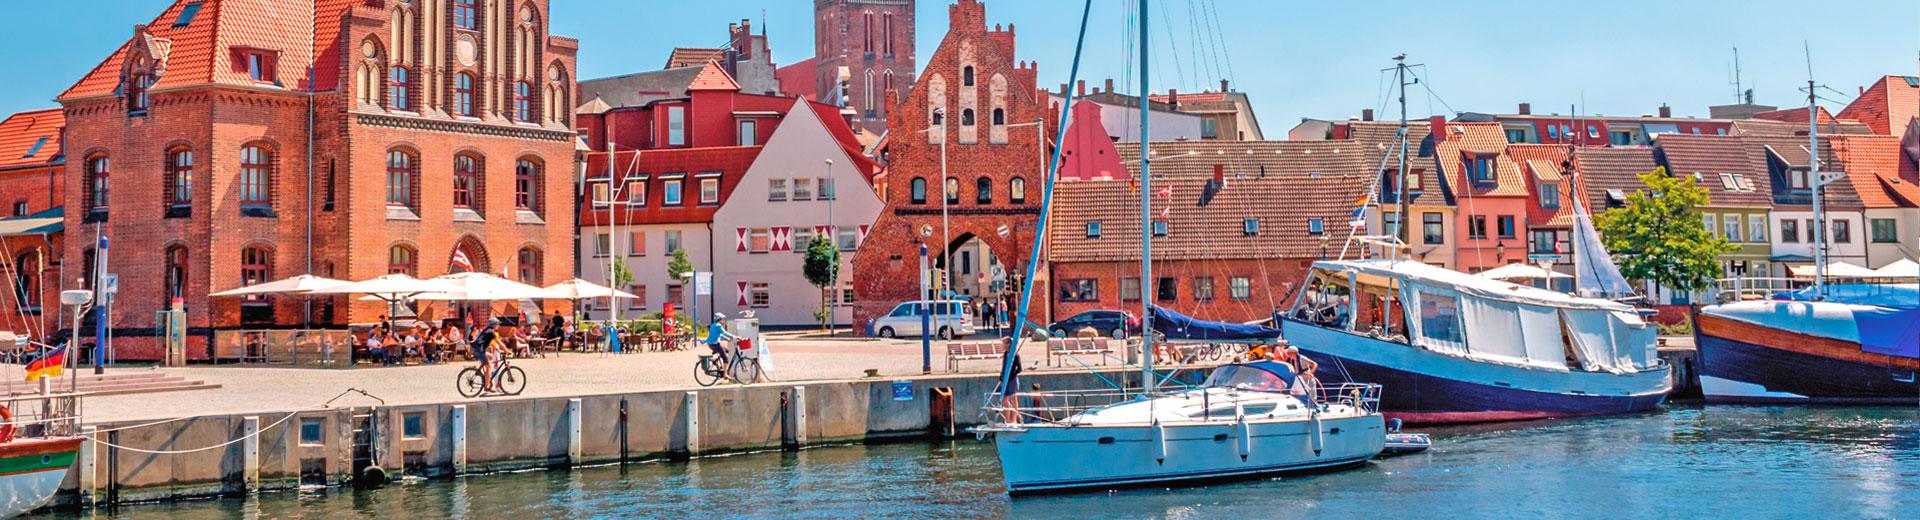 Städtereise Wismar